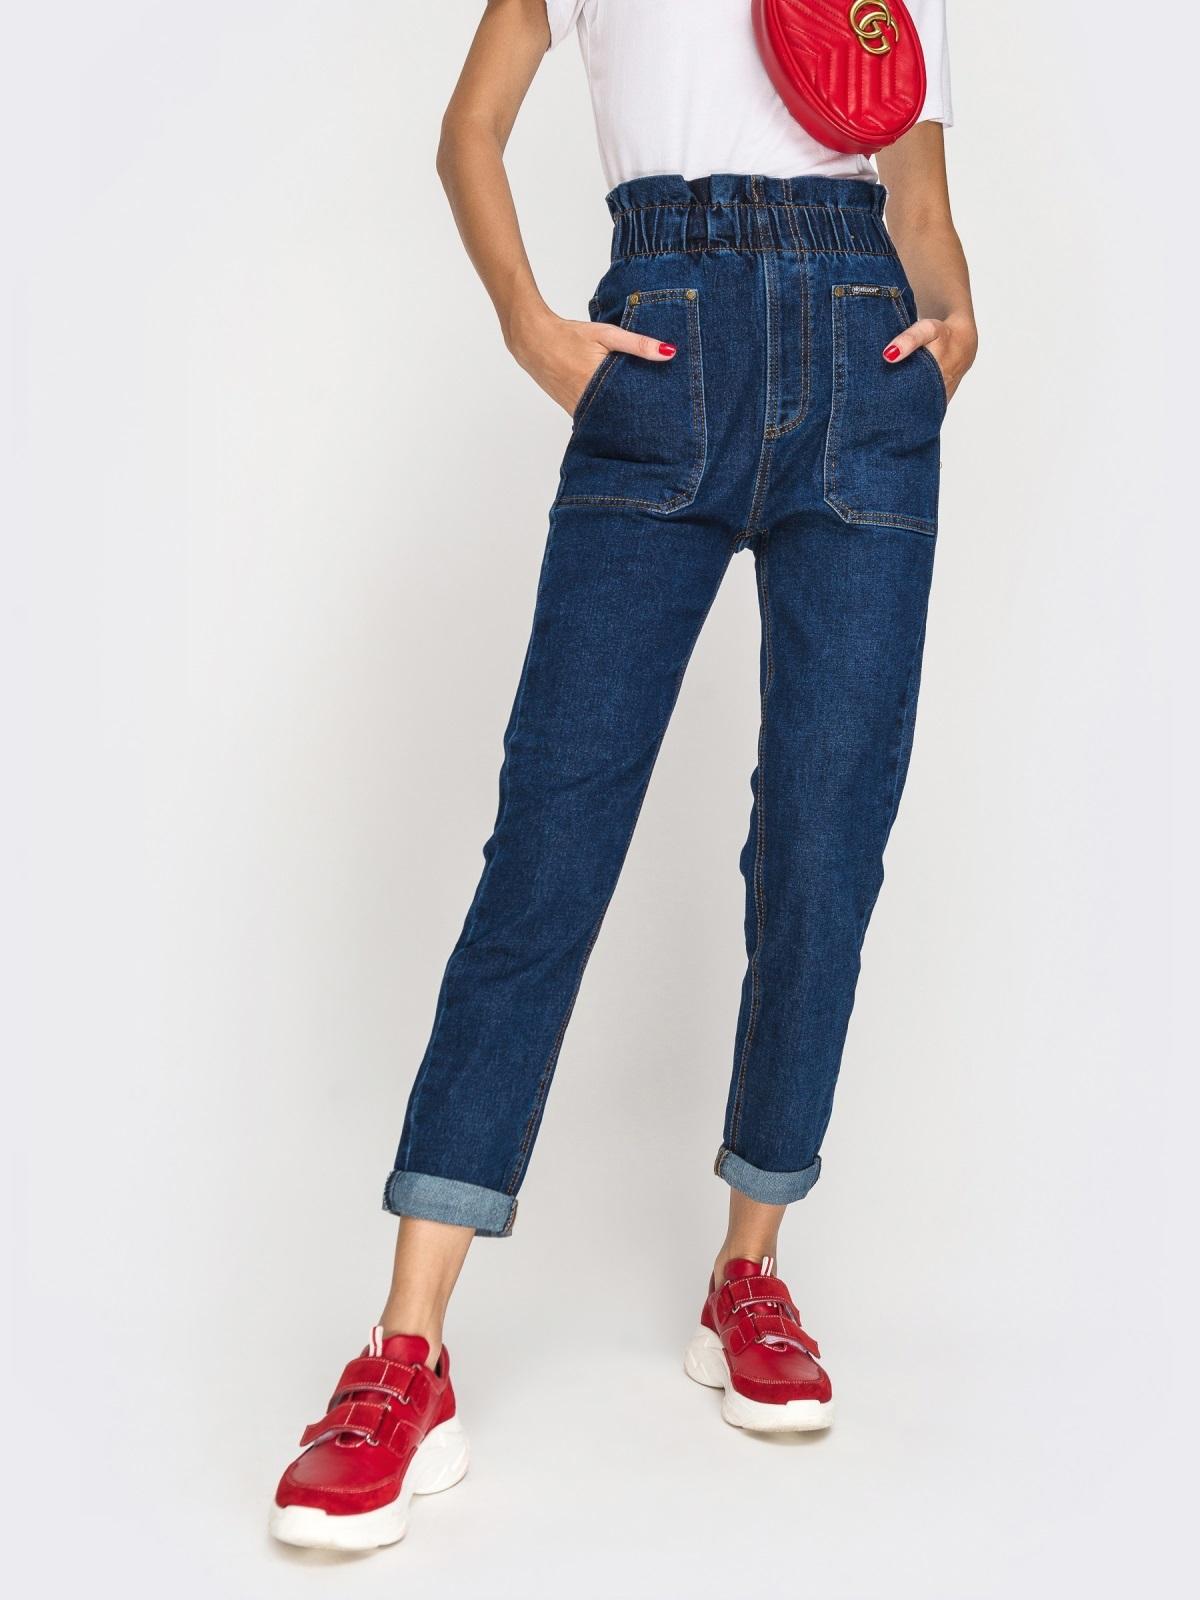 Джинсы с накладными карманами и оборкой по талии синие - 41932, фото 1 – интернет-магазин Dressa